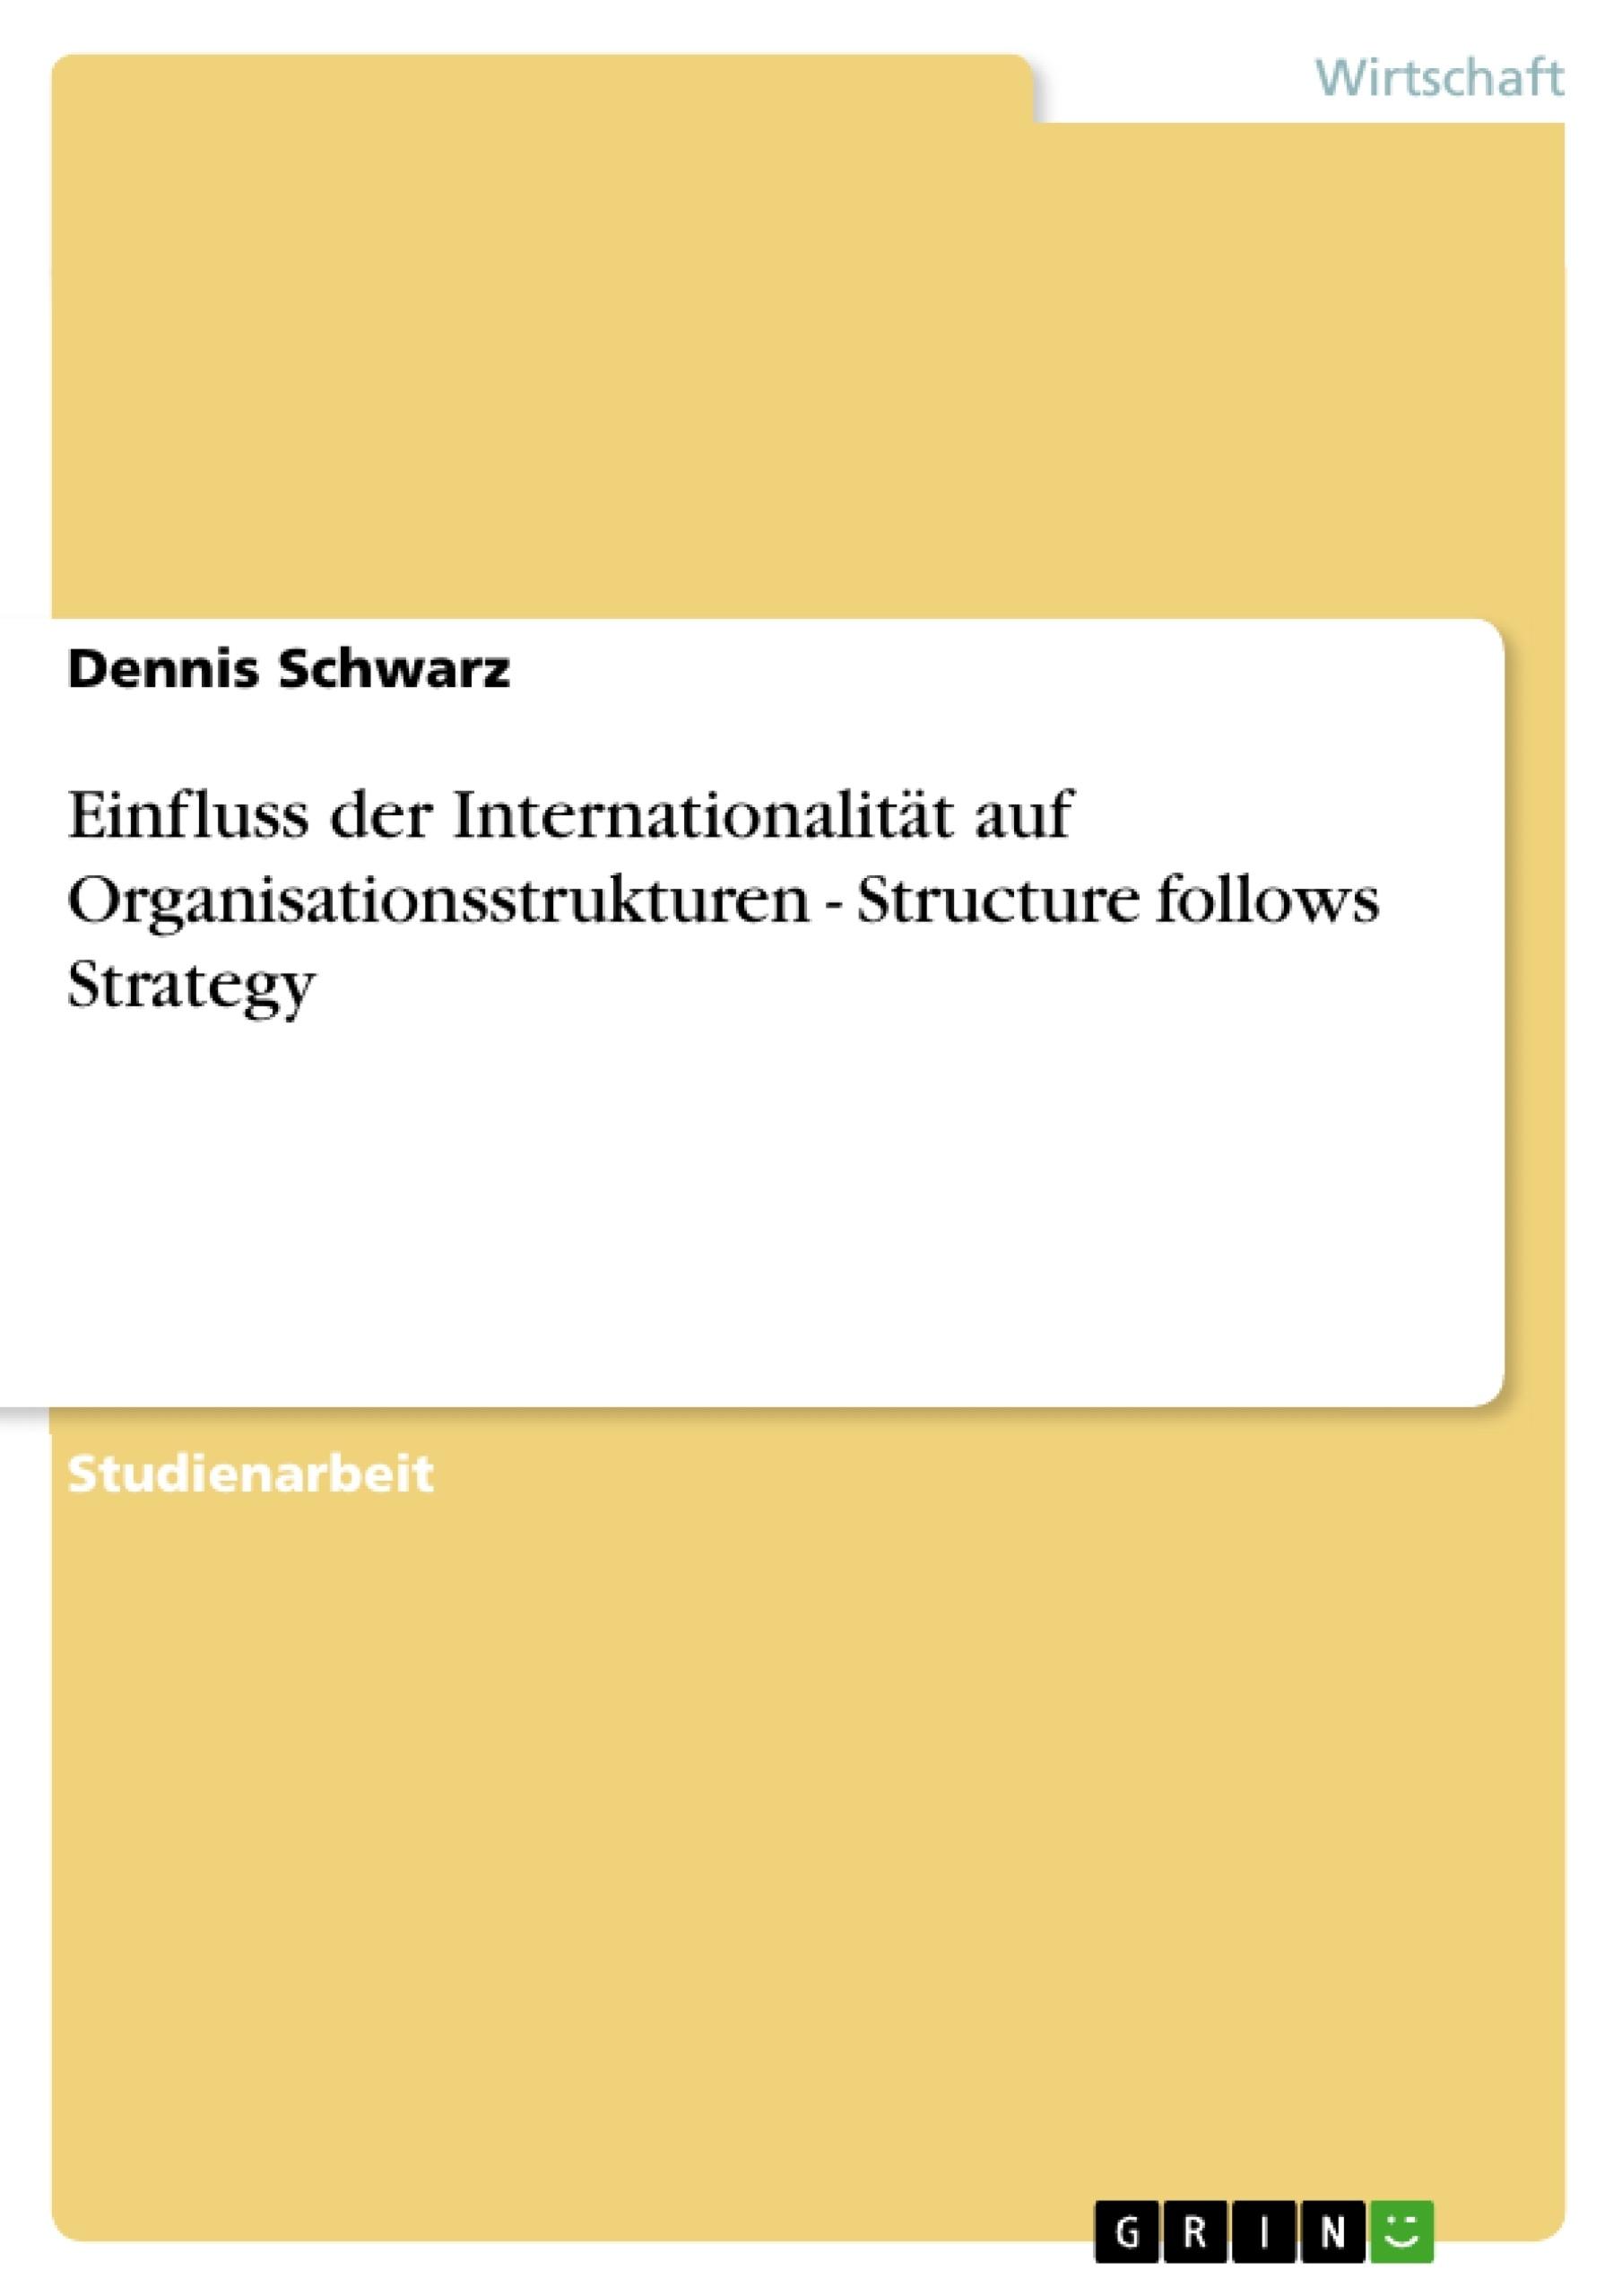 Titel: Einfluss der Internationalität auf Organisationsstrukturen - Structure follows Strategy